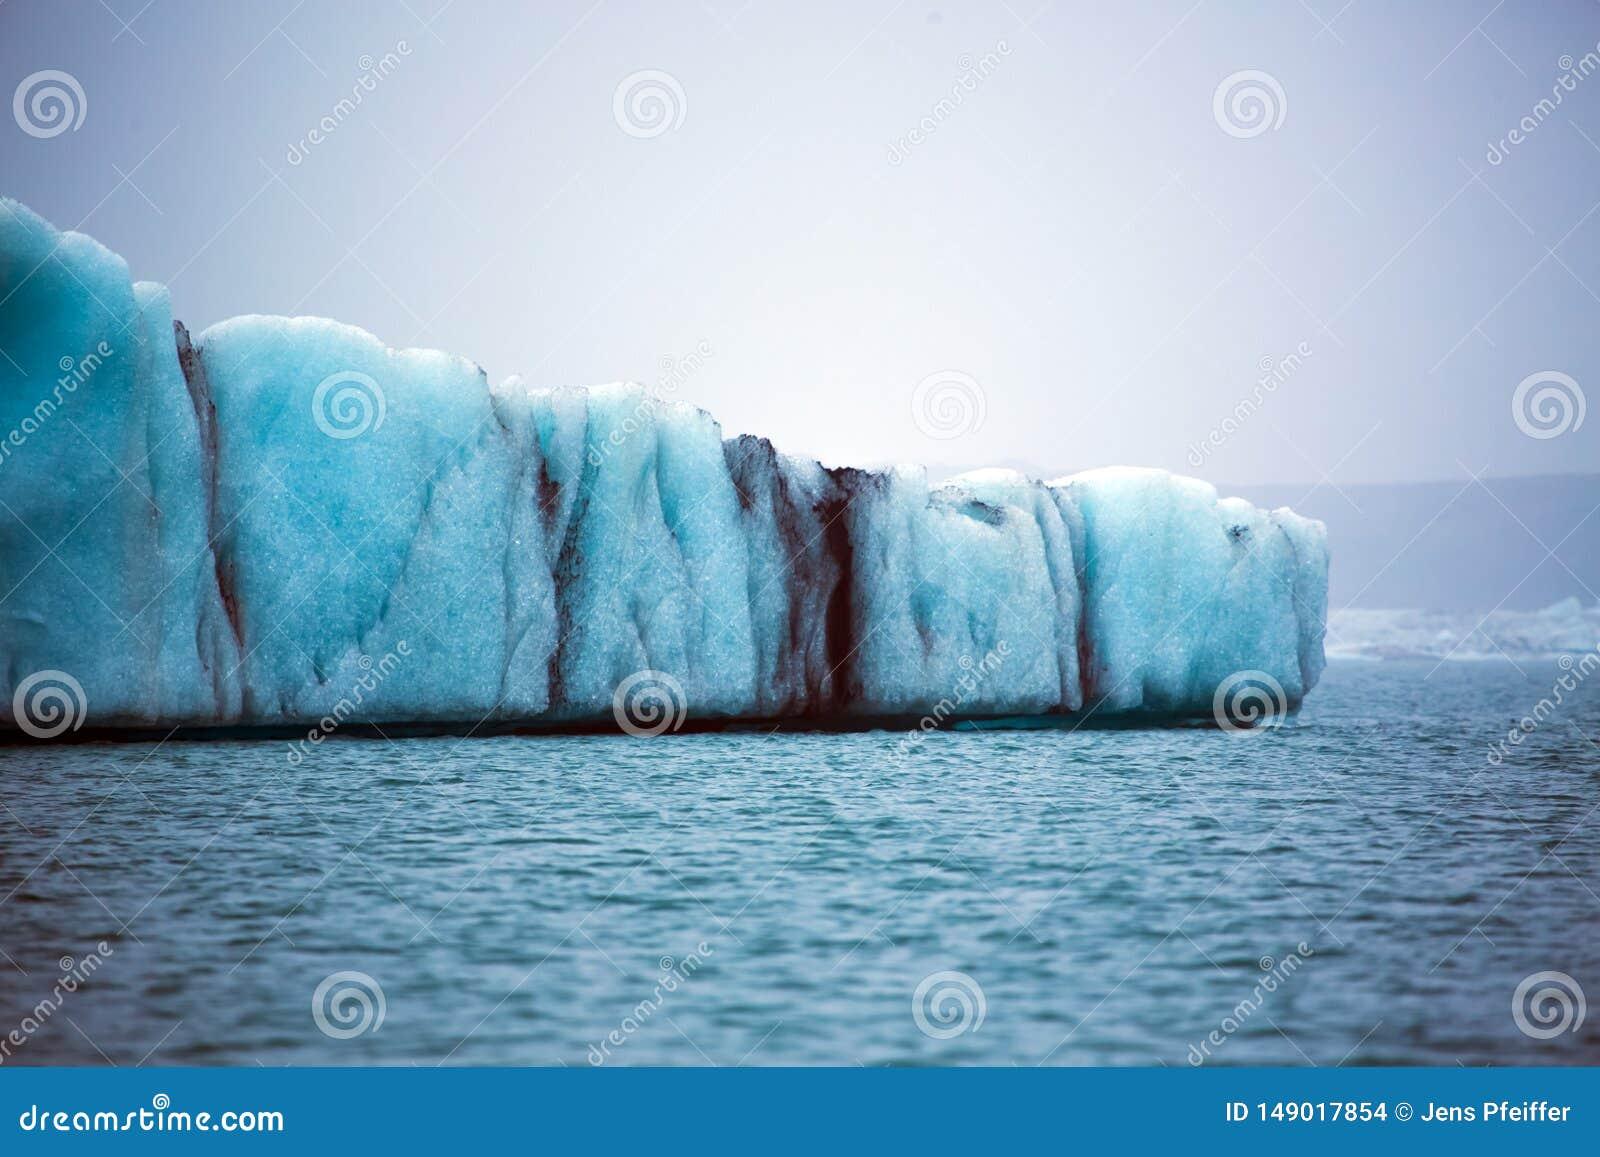 Μπλε επιπλέων πάγος πάγου παγετώνων στη λίμνη παγετώνων